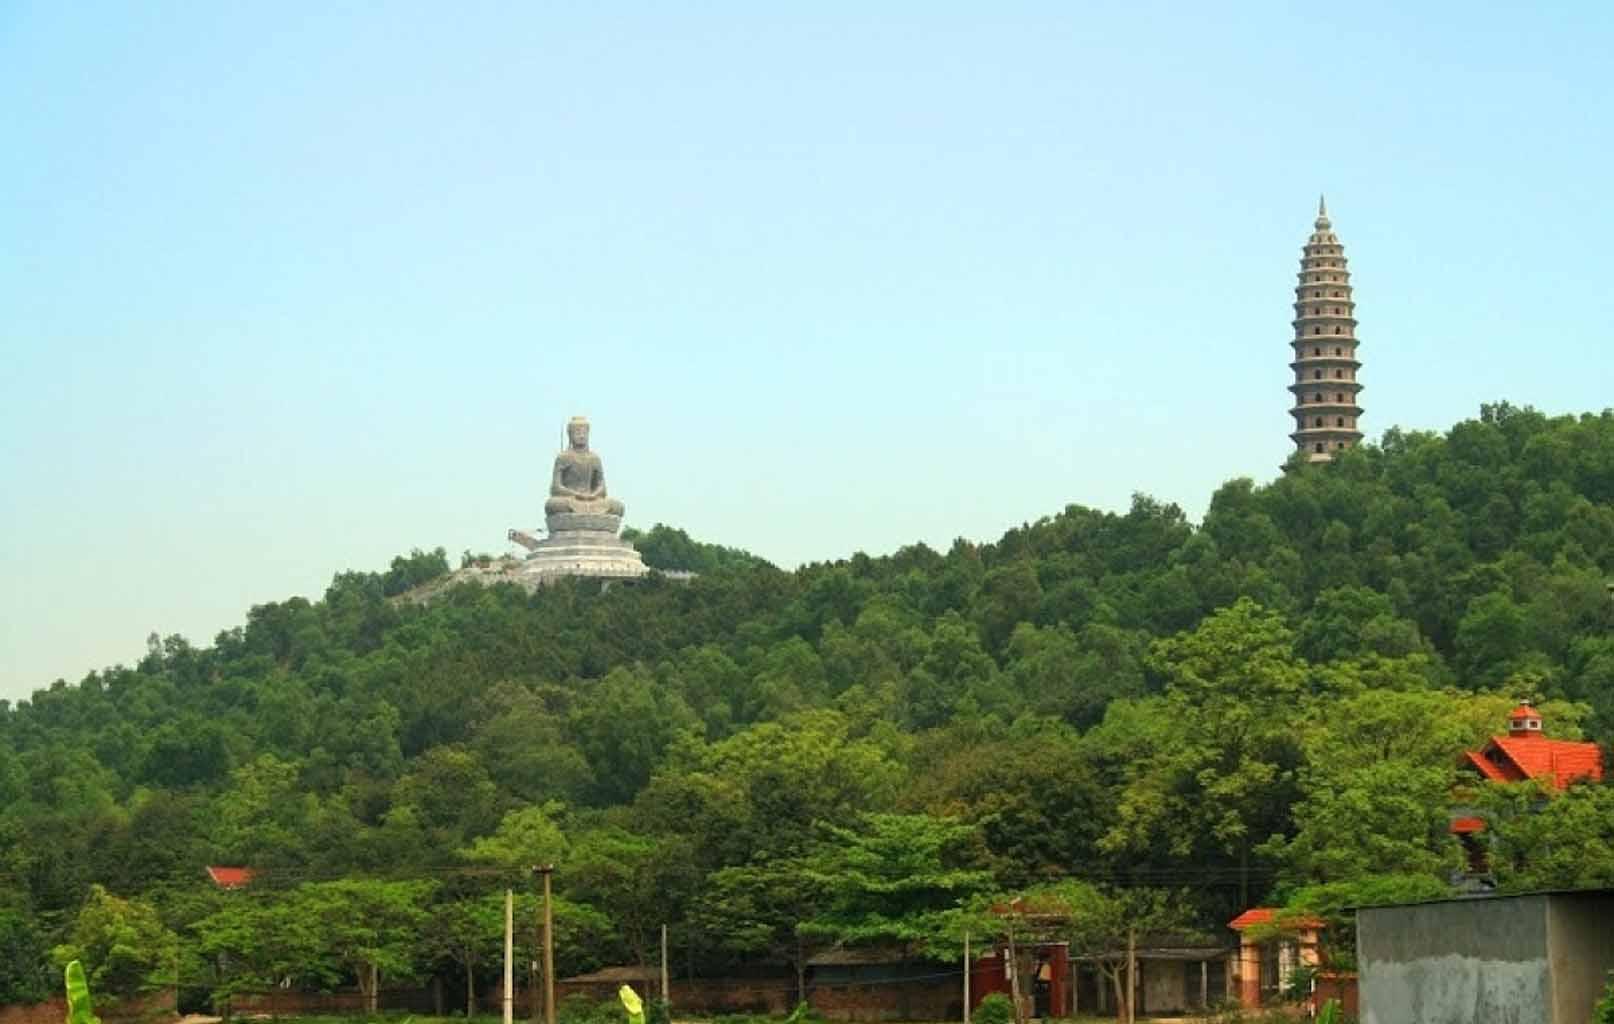 Hình ảnh Chùa Phật Tích Nhìn Từ Xa